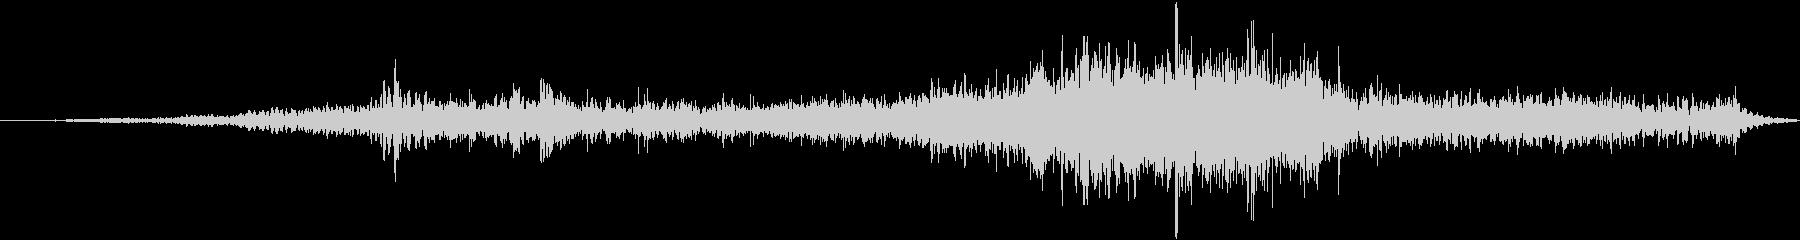 ハマーH2 Suv:内線:アプロー...の未再生の波形